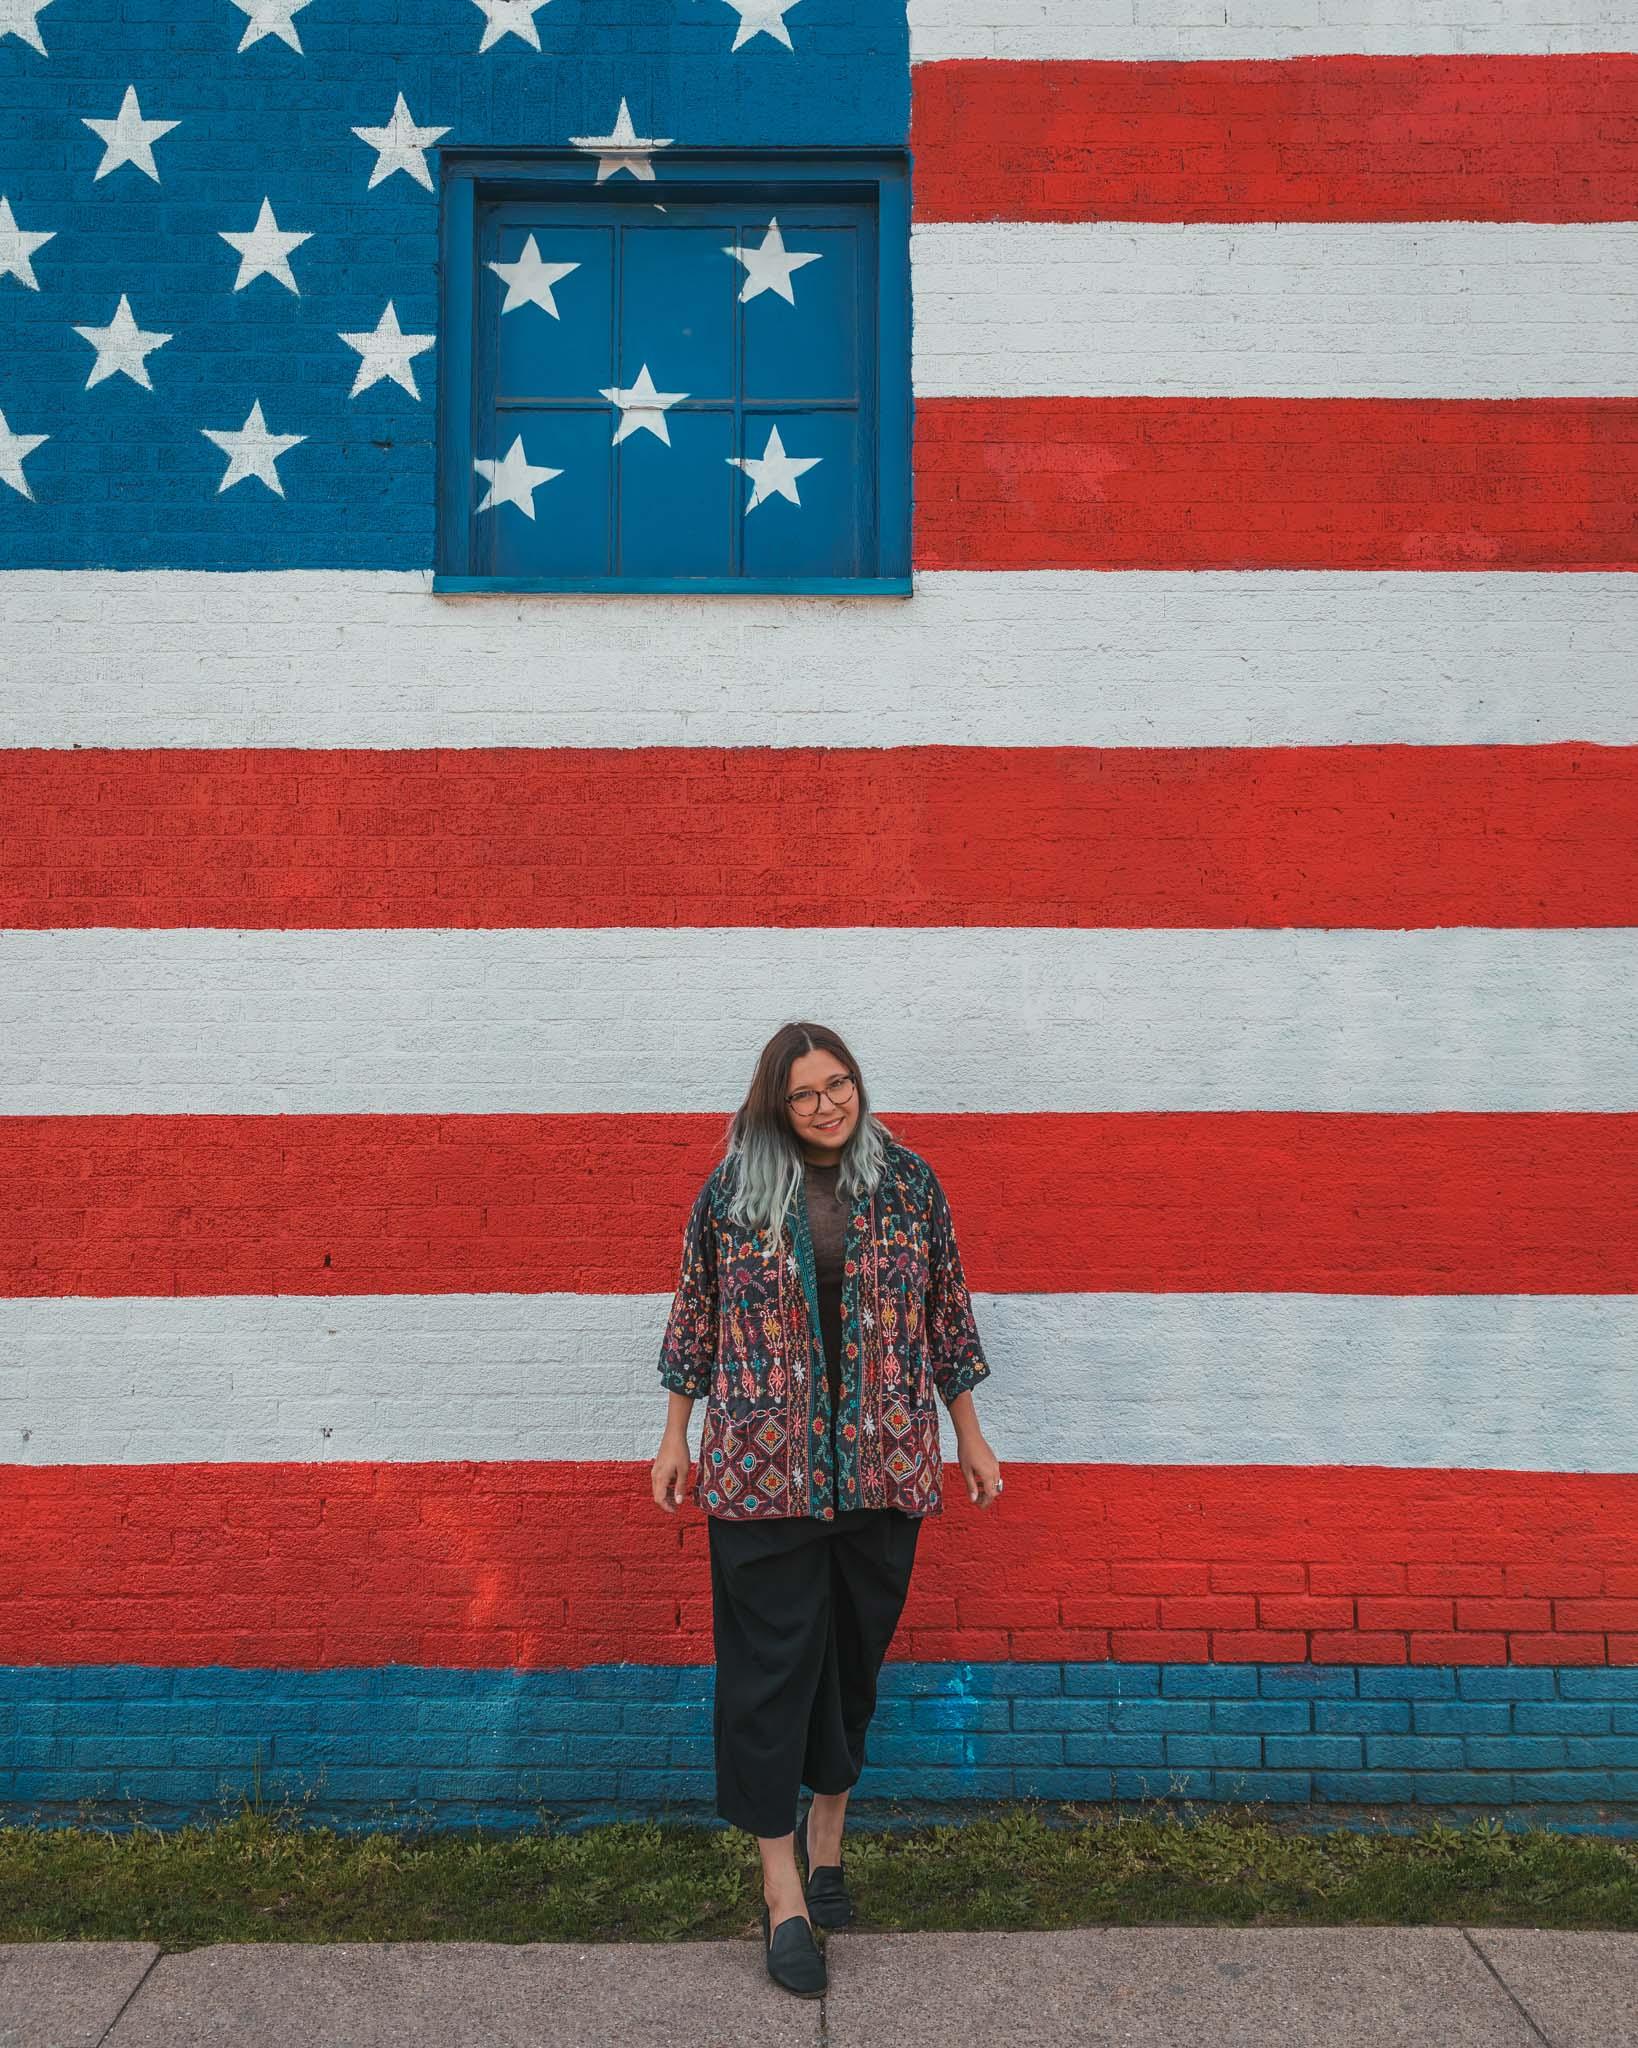 American flag mural in Deep Ellum, Dallas, Texas